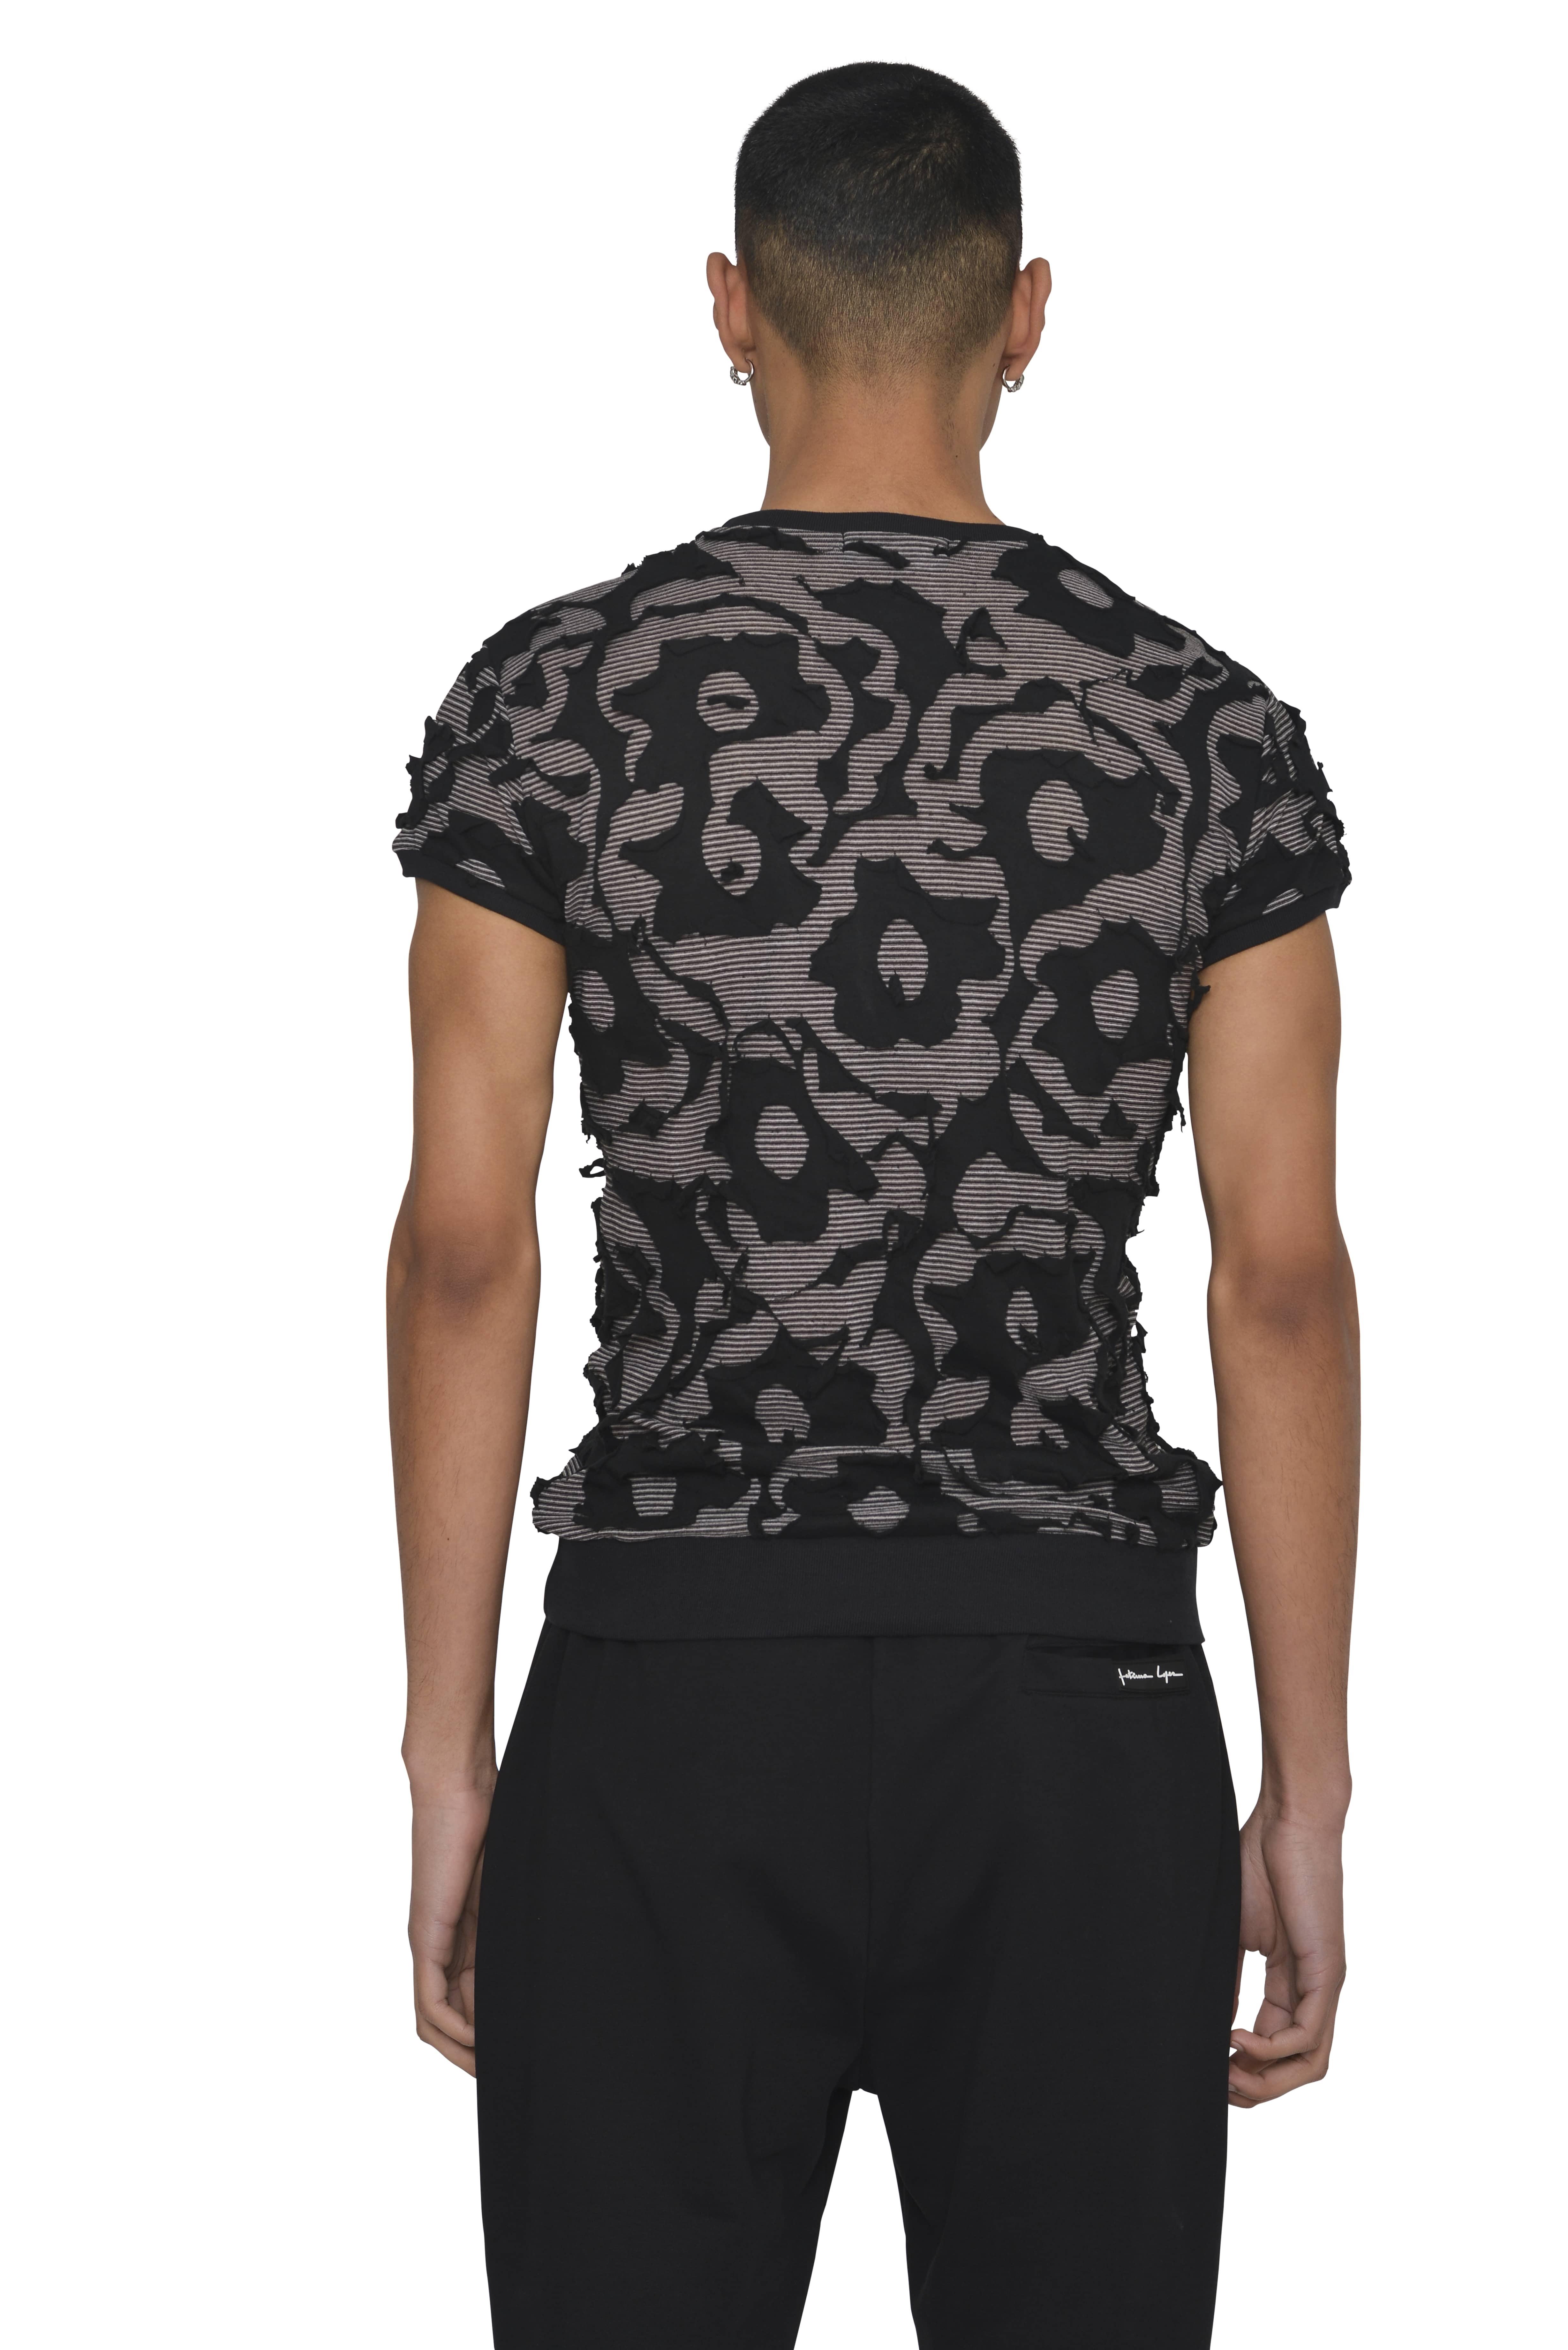 T-Shirt ÁCARO 2